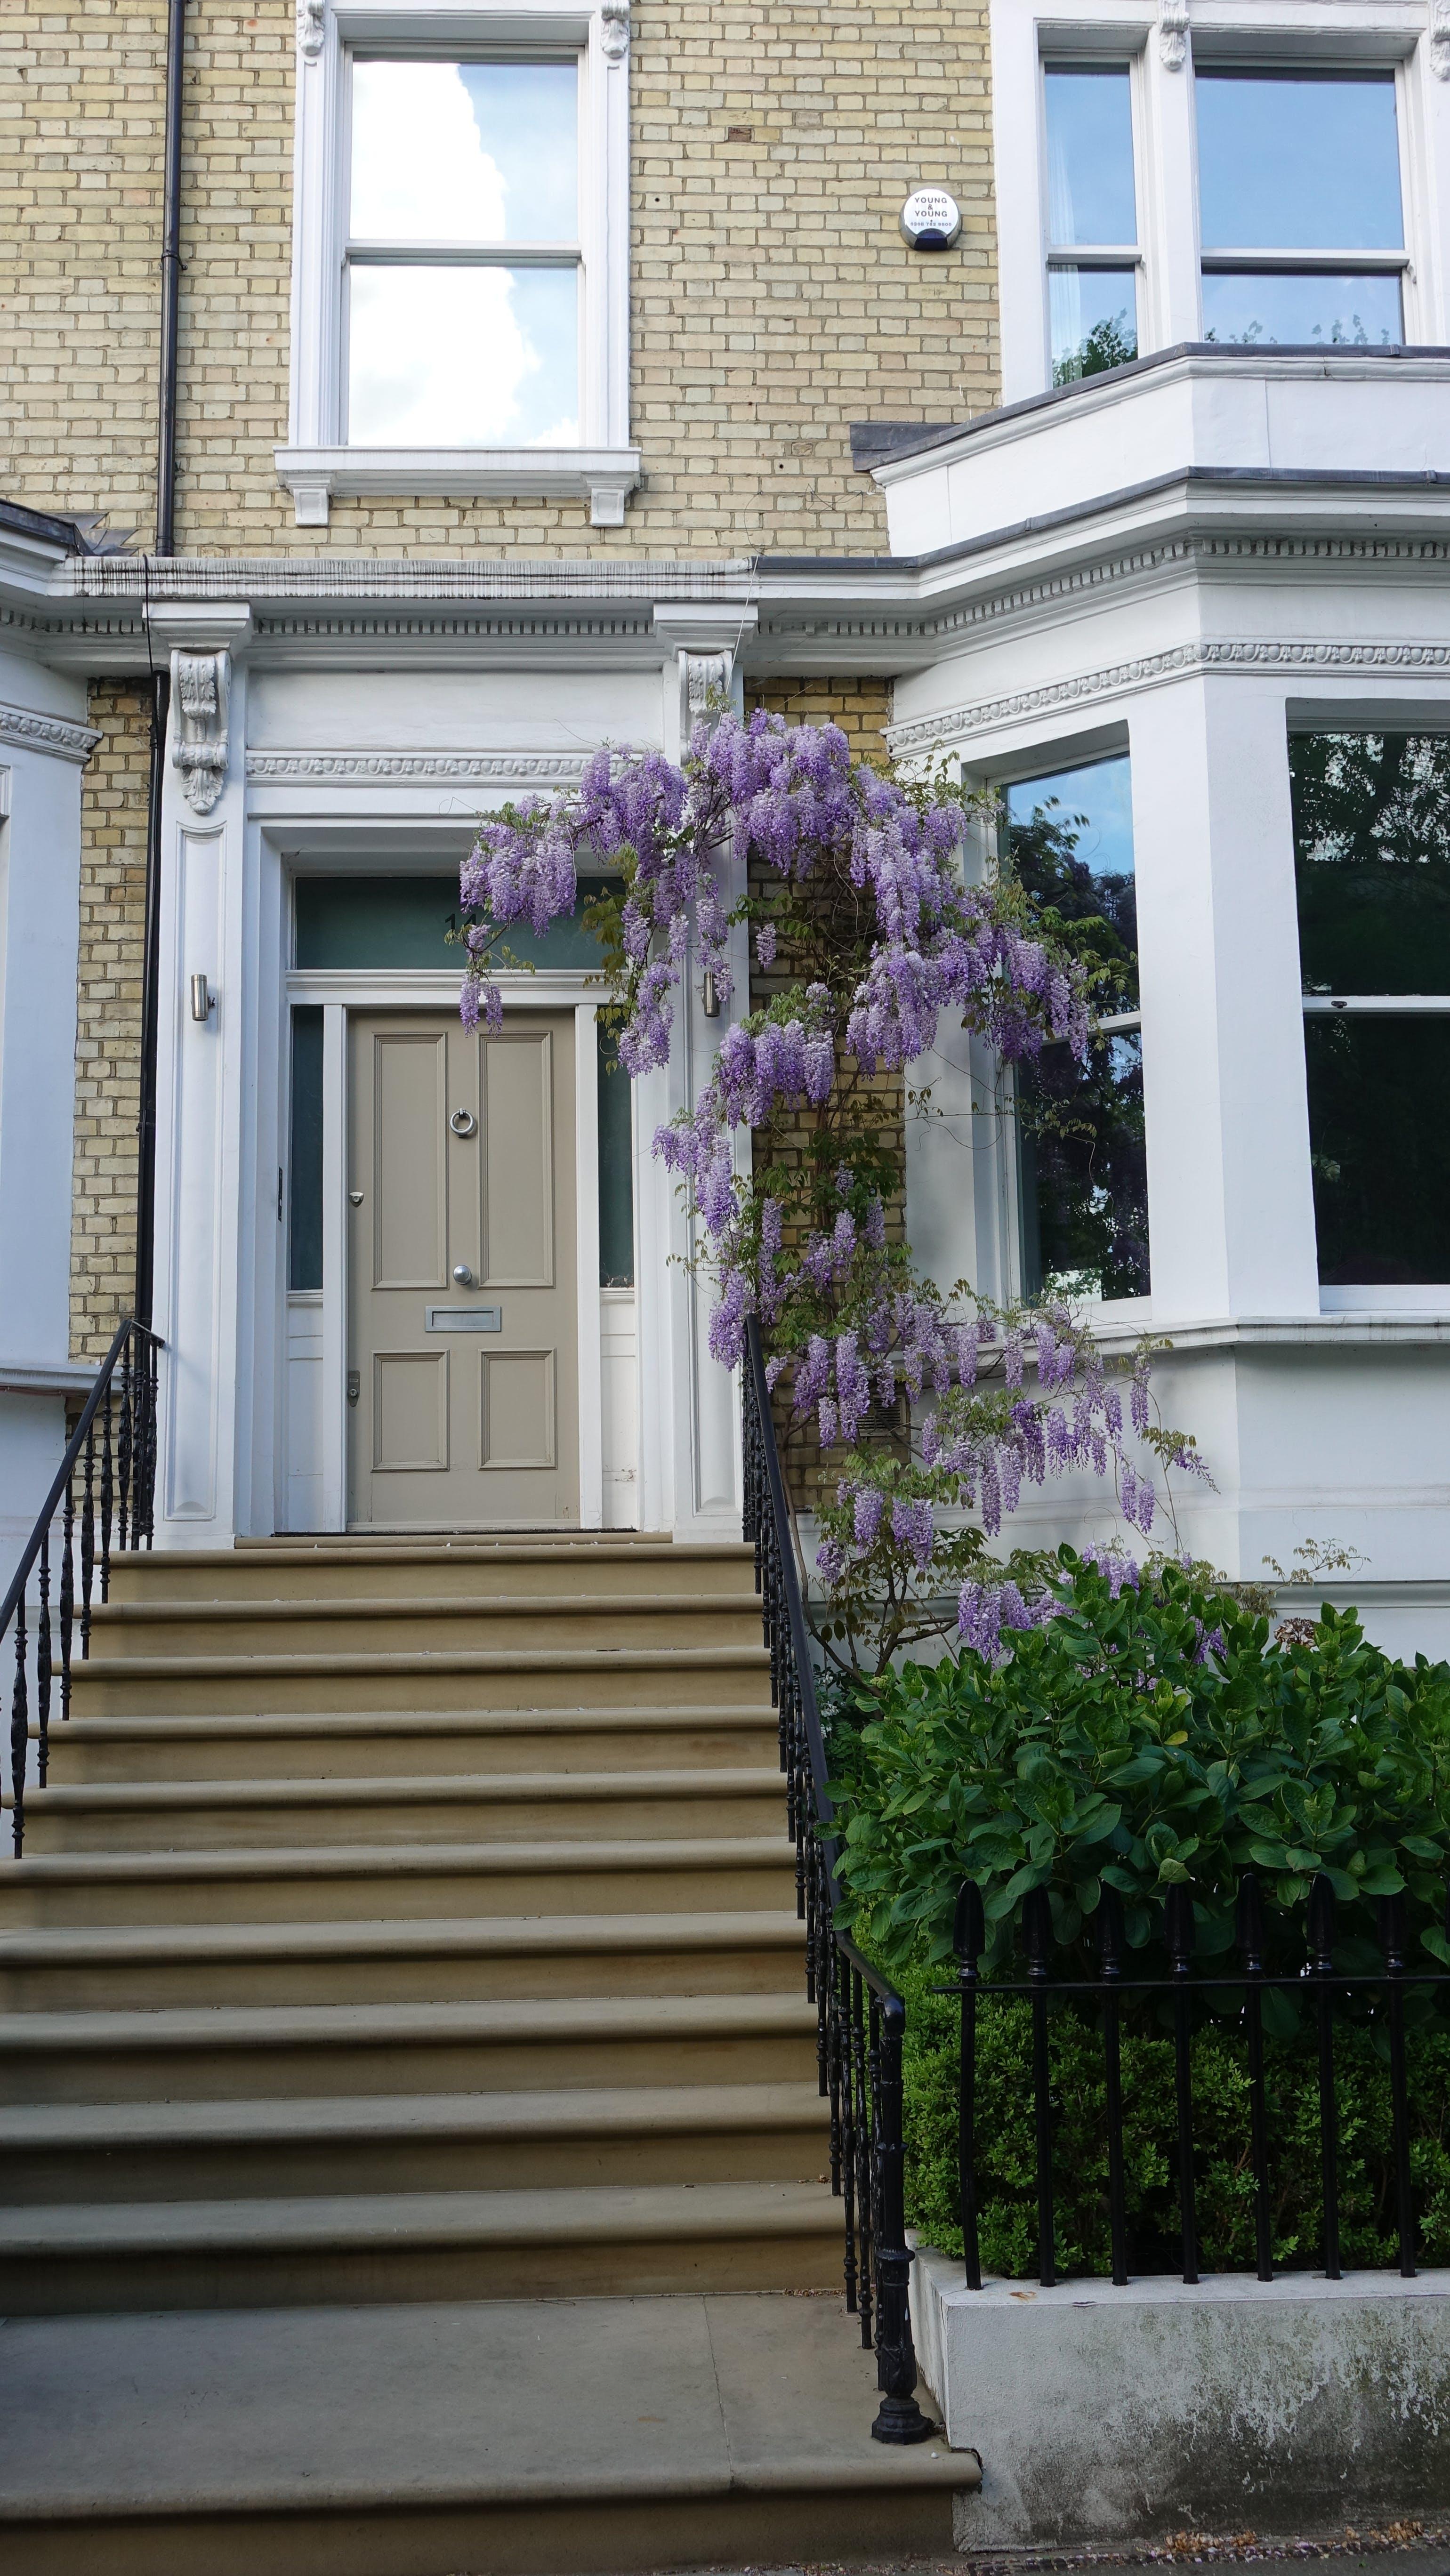 Free stock photo of door, door steps, flowers, front door